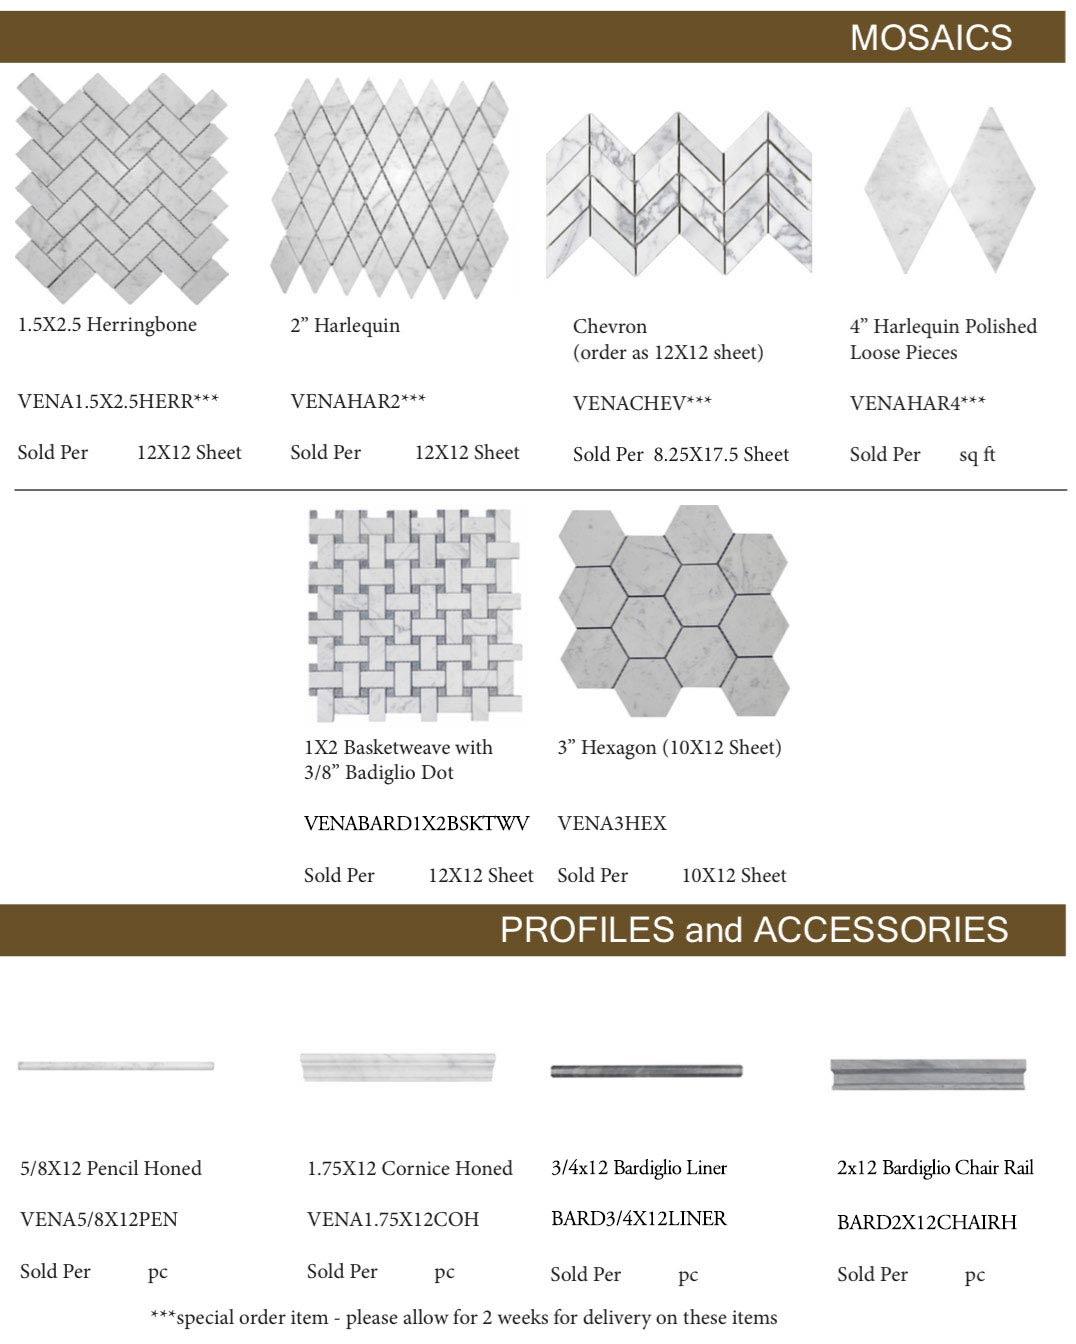 Vena-Purezza-Marble-Mosaics-Profiles-and-Accessories